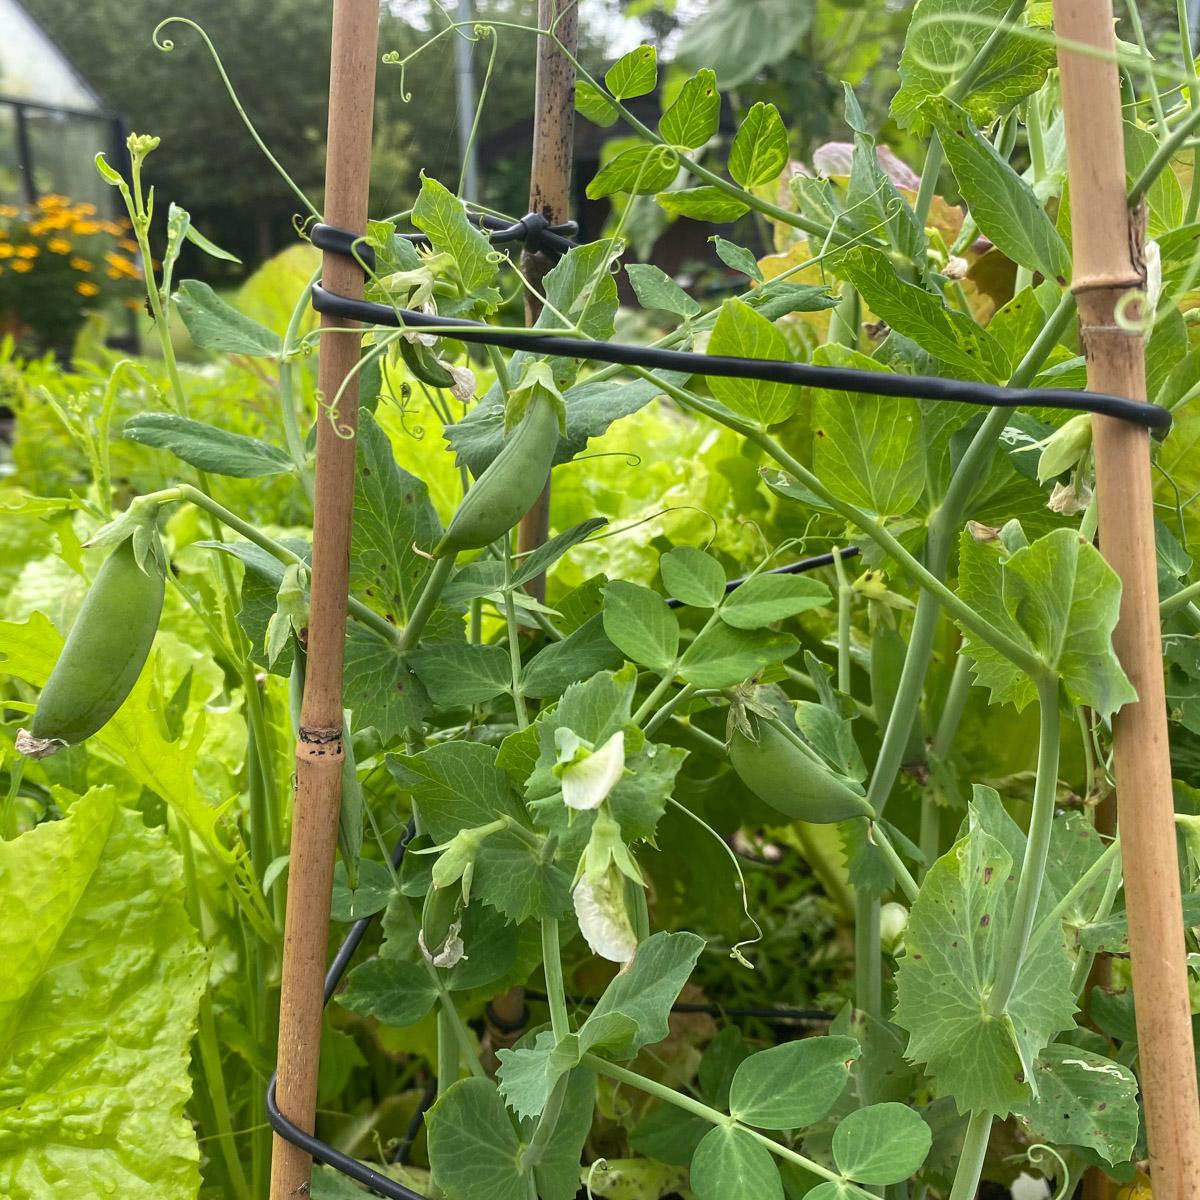 blog-1-sept-2021-tour-of-the-planty-garden19.jpg